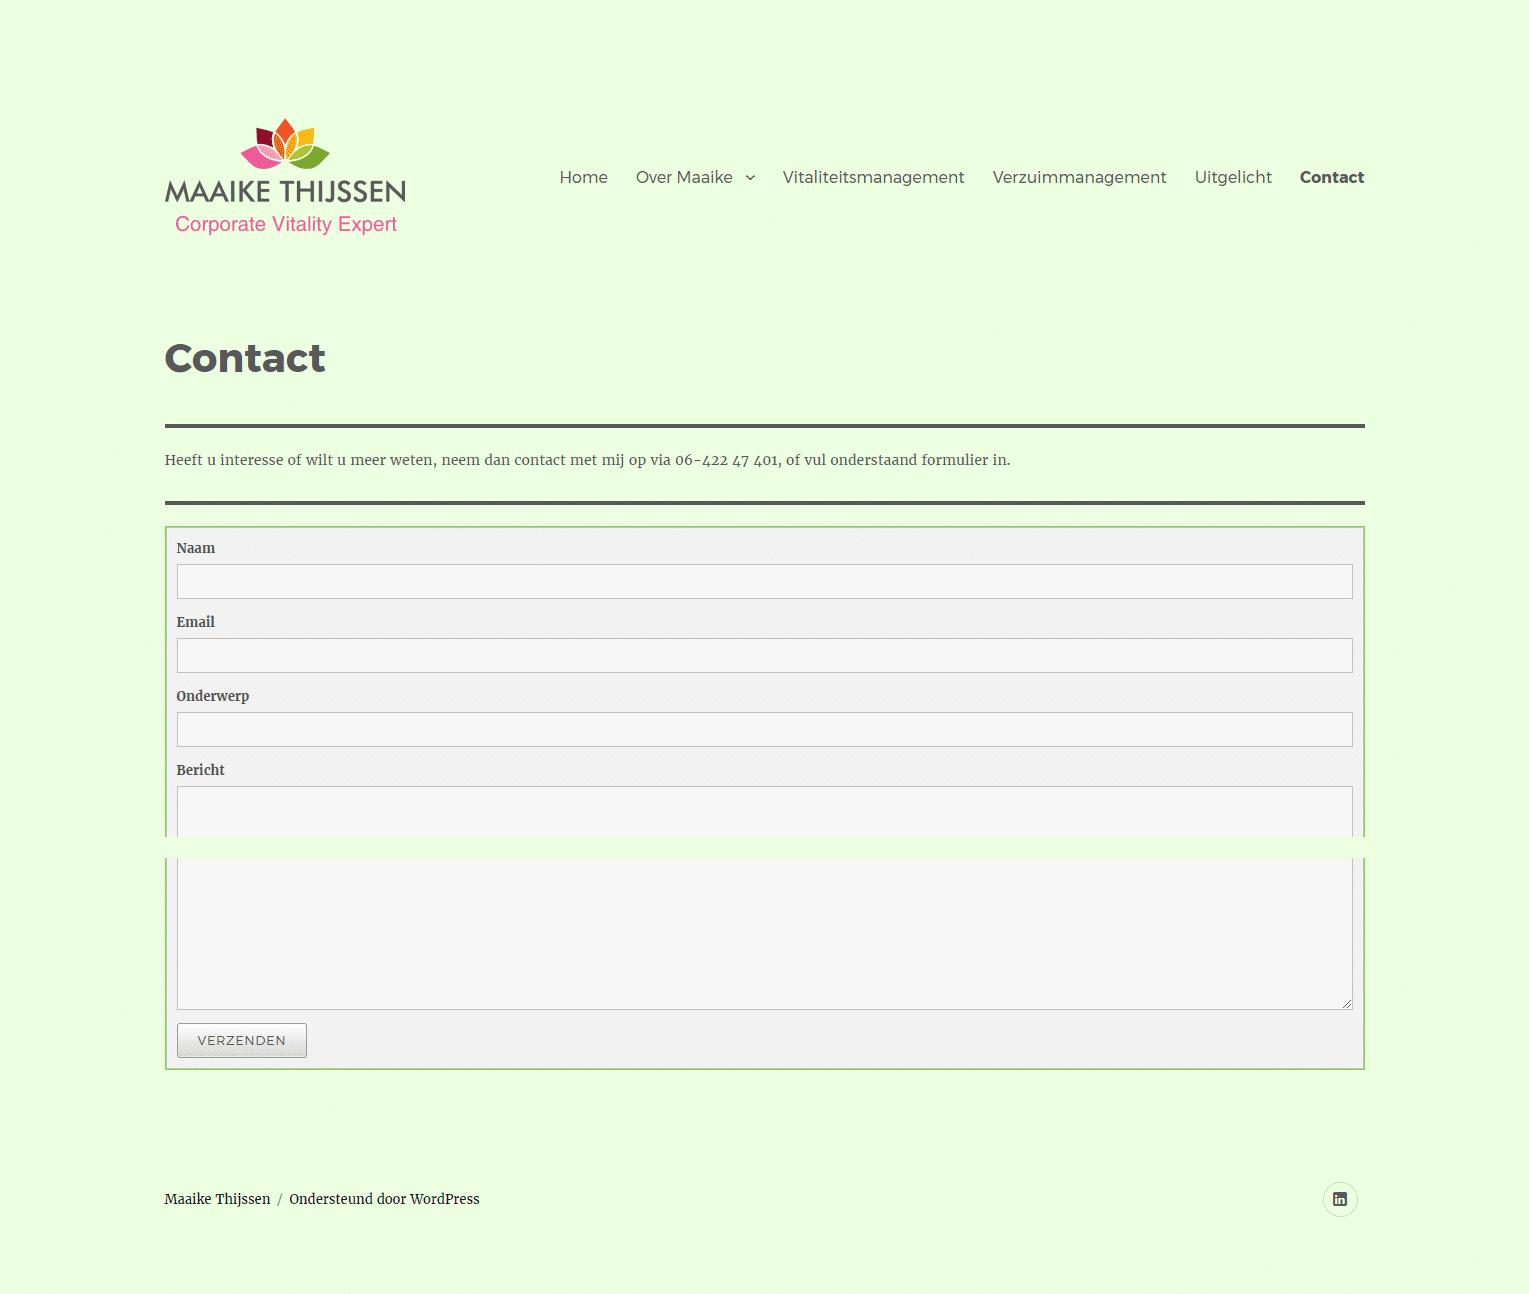 MaaikeThijssen-Contact